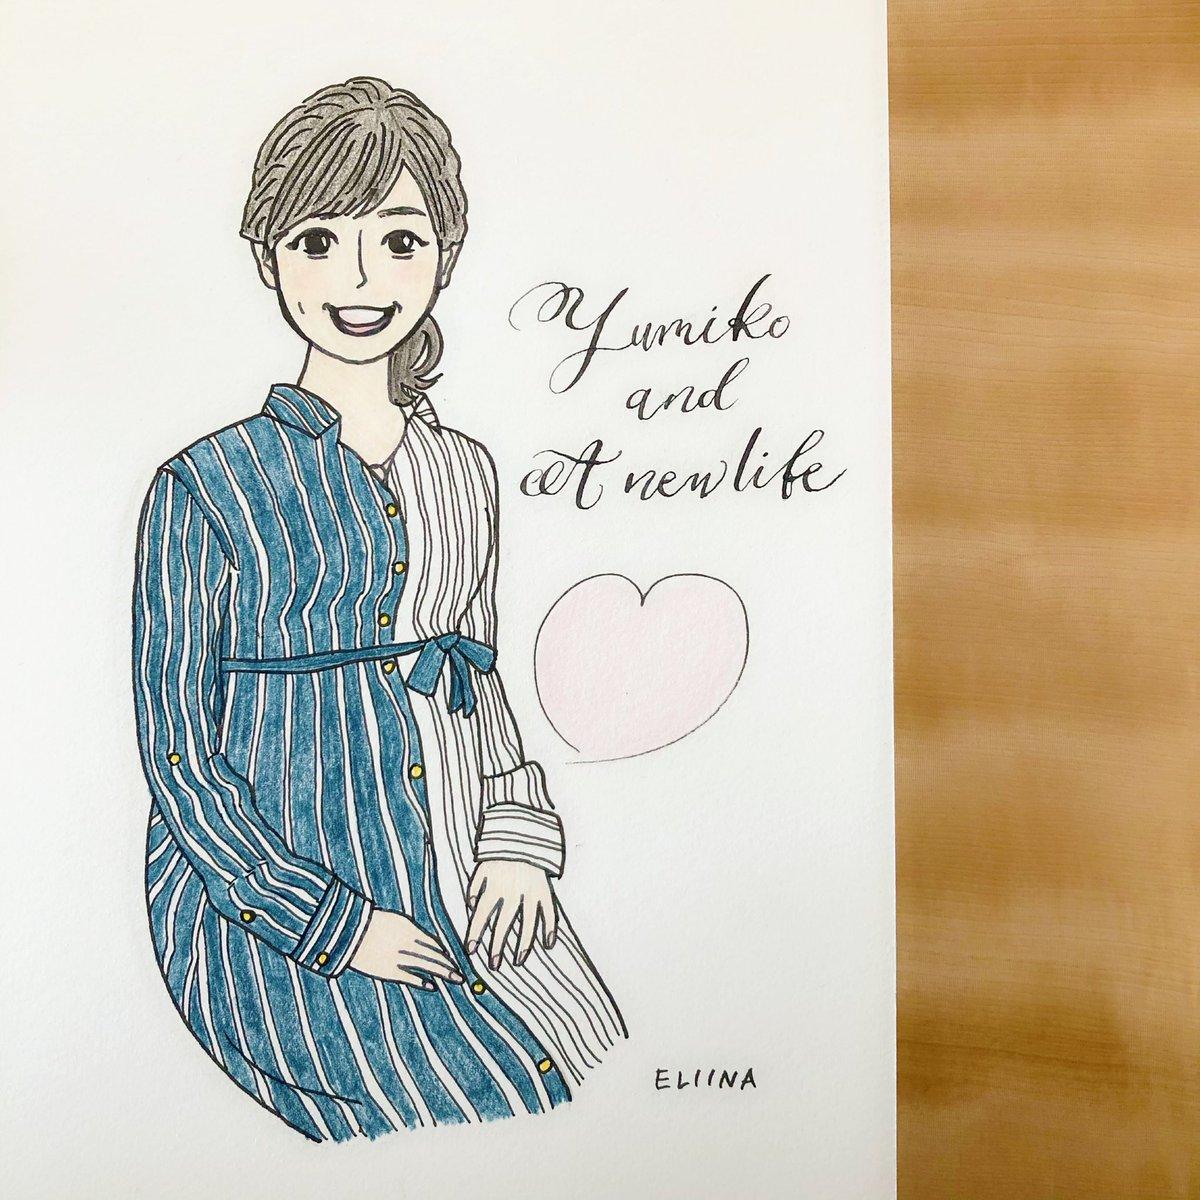 test ツイッターメディア - 松尾さんのいない週明けは想像できませんね…。でも、これからはご家族との時間やお身体を大切に、お子さんを育んでいってほしいです(*^^*) 本当におつかれさまでした。そしてありがとうございました!新井恵理那 https://t.co/BdCNMAkCLG